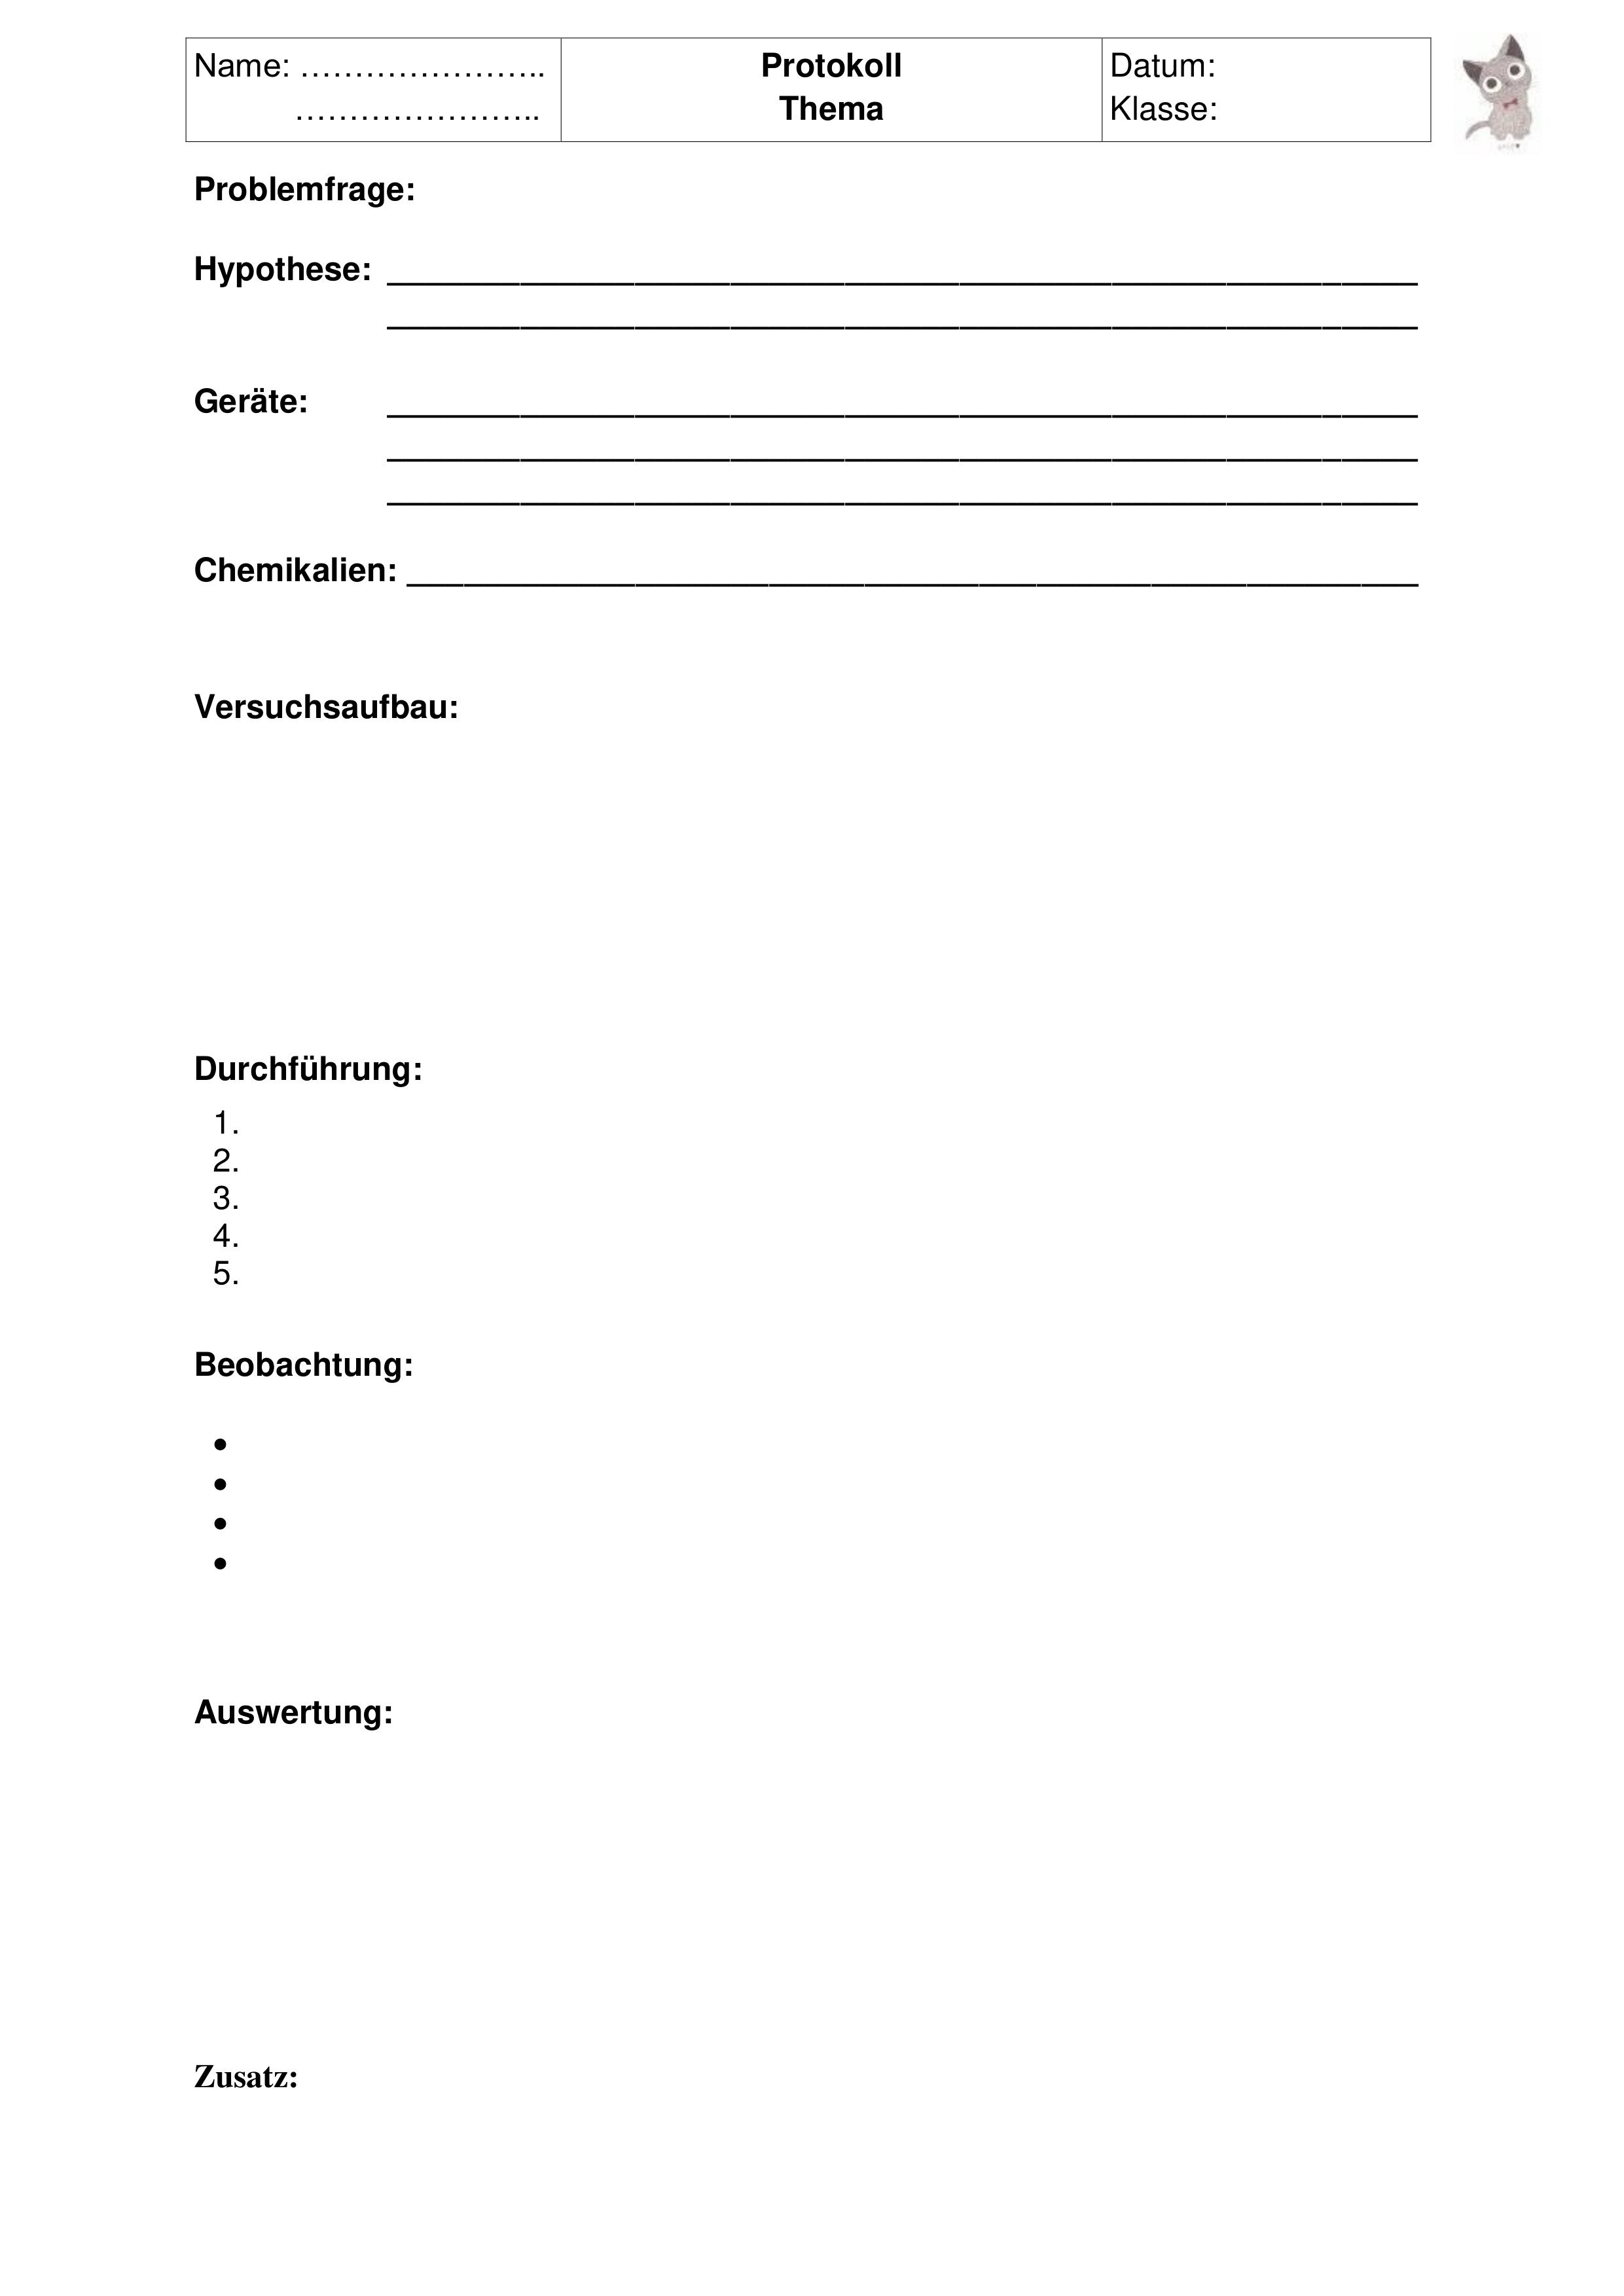 Experimente Protokoll Vorlage Vorlagen Unterrichtsmaterial Chemieunterricht